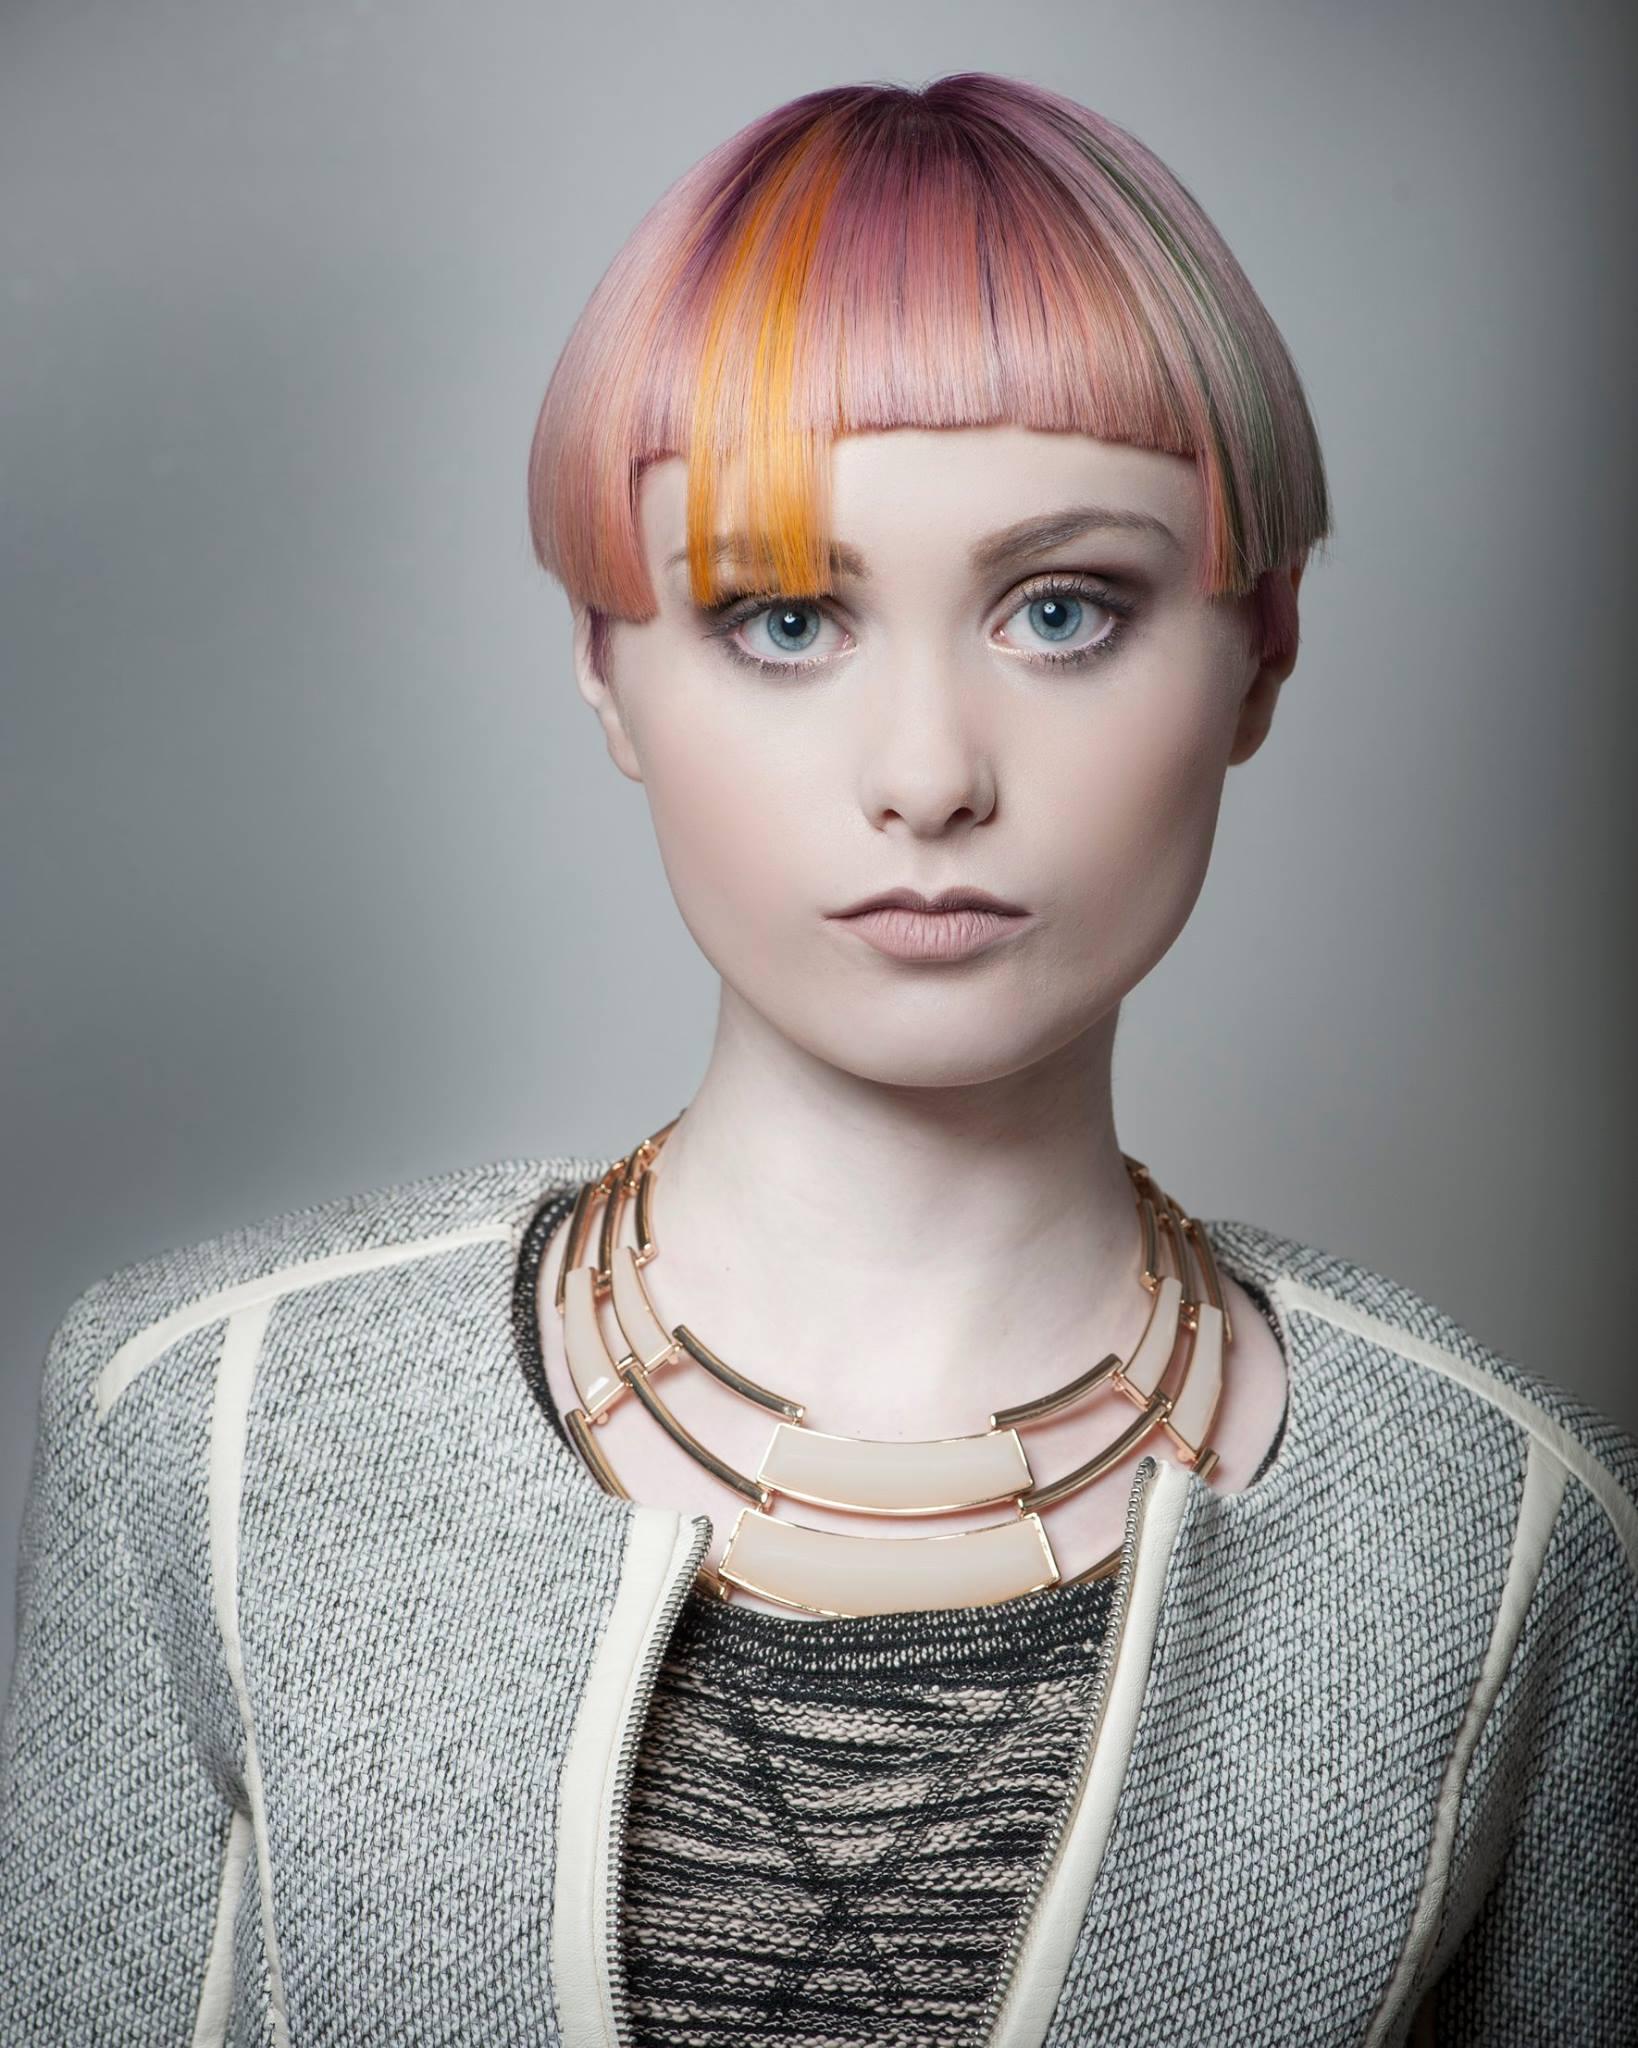 New Talent Semi-Finalist Kate Adams, Shearlous Hair Salon, Atlanta, Georgia